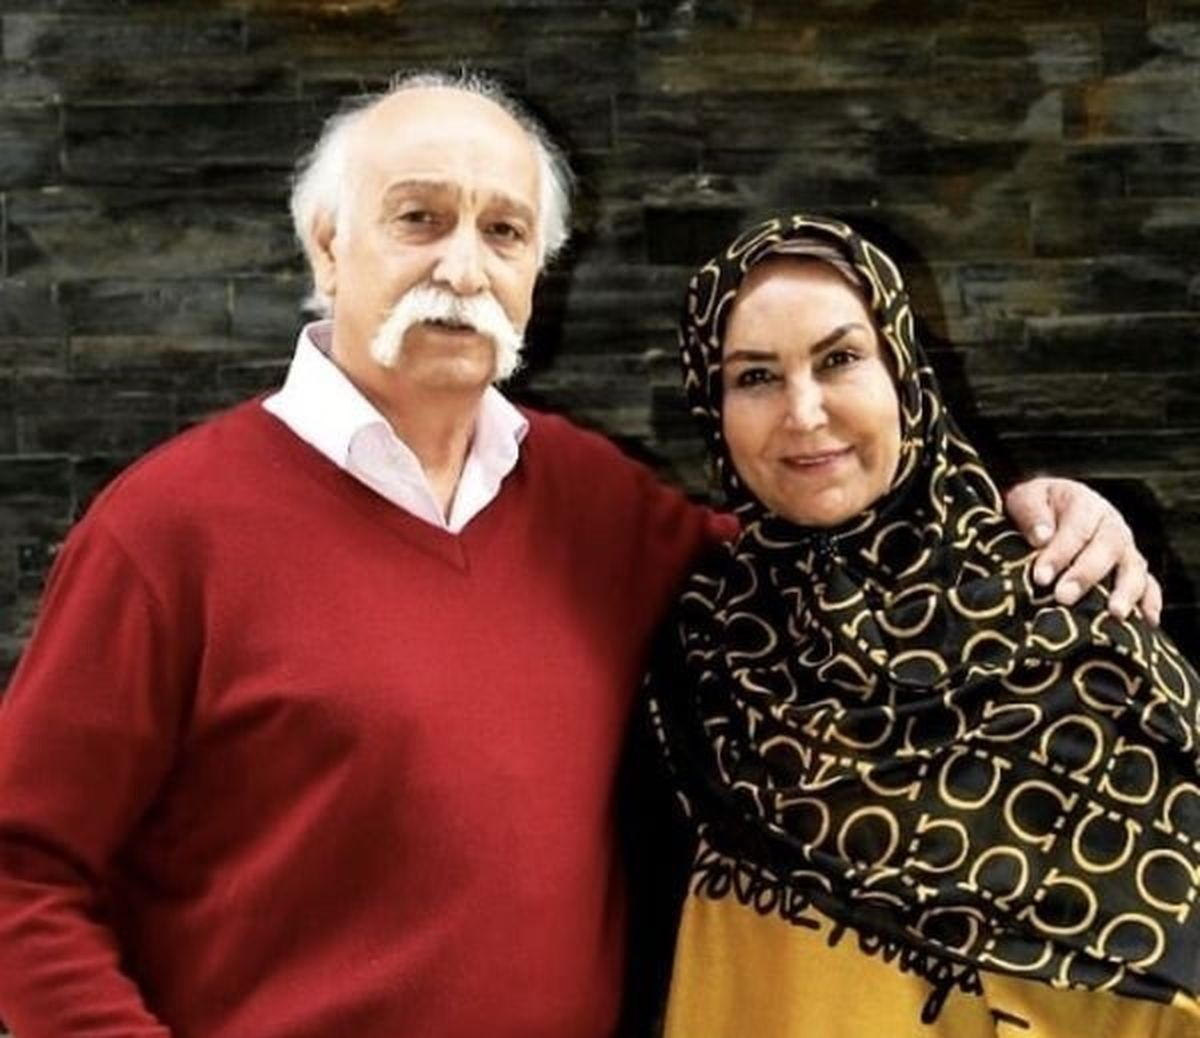 محمود پاک نیت در کنار خانواده اش +عکس